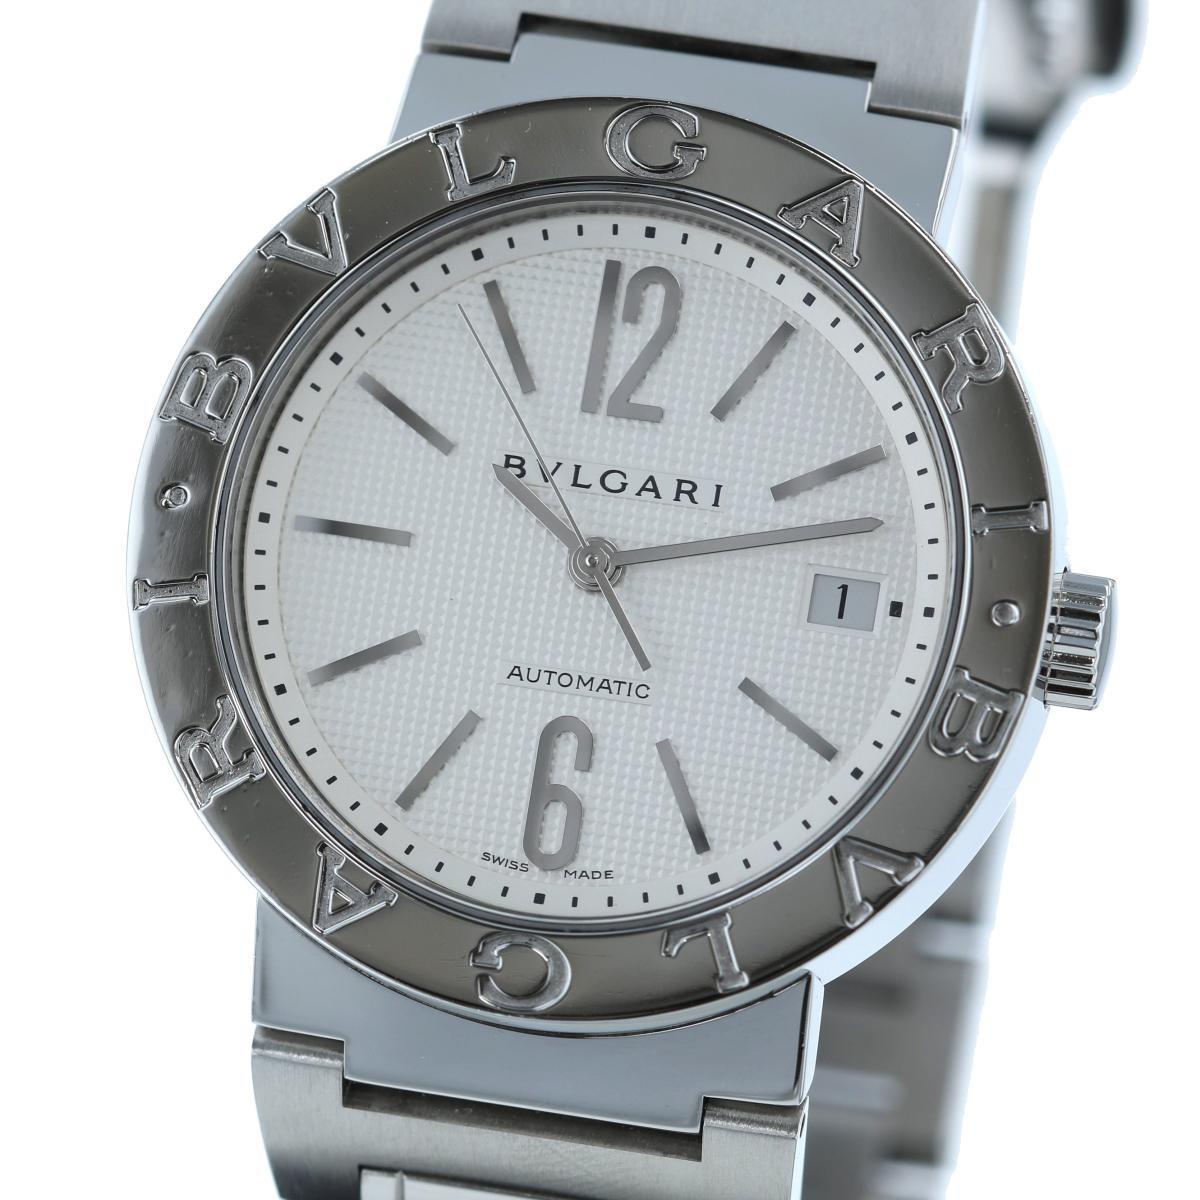 【最終値下げ】【中古】BVLGARI (ブルガリ) ブルガリブルガリ 38� 時計 自動巻き/メンズ  Silver/シルバー BB38WSSD/N used:A